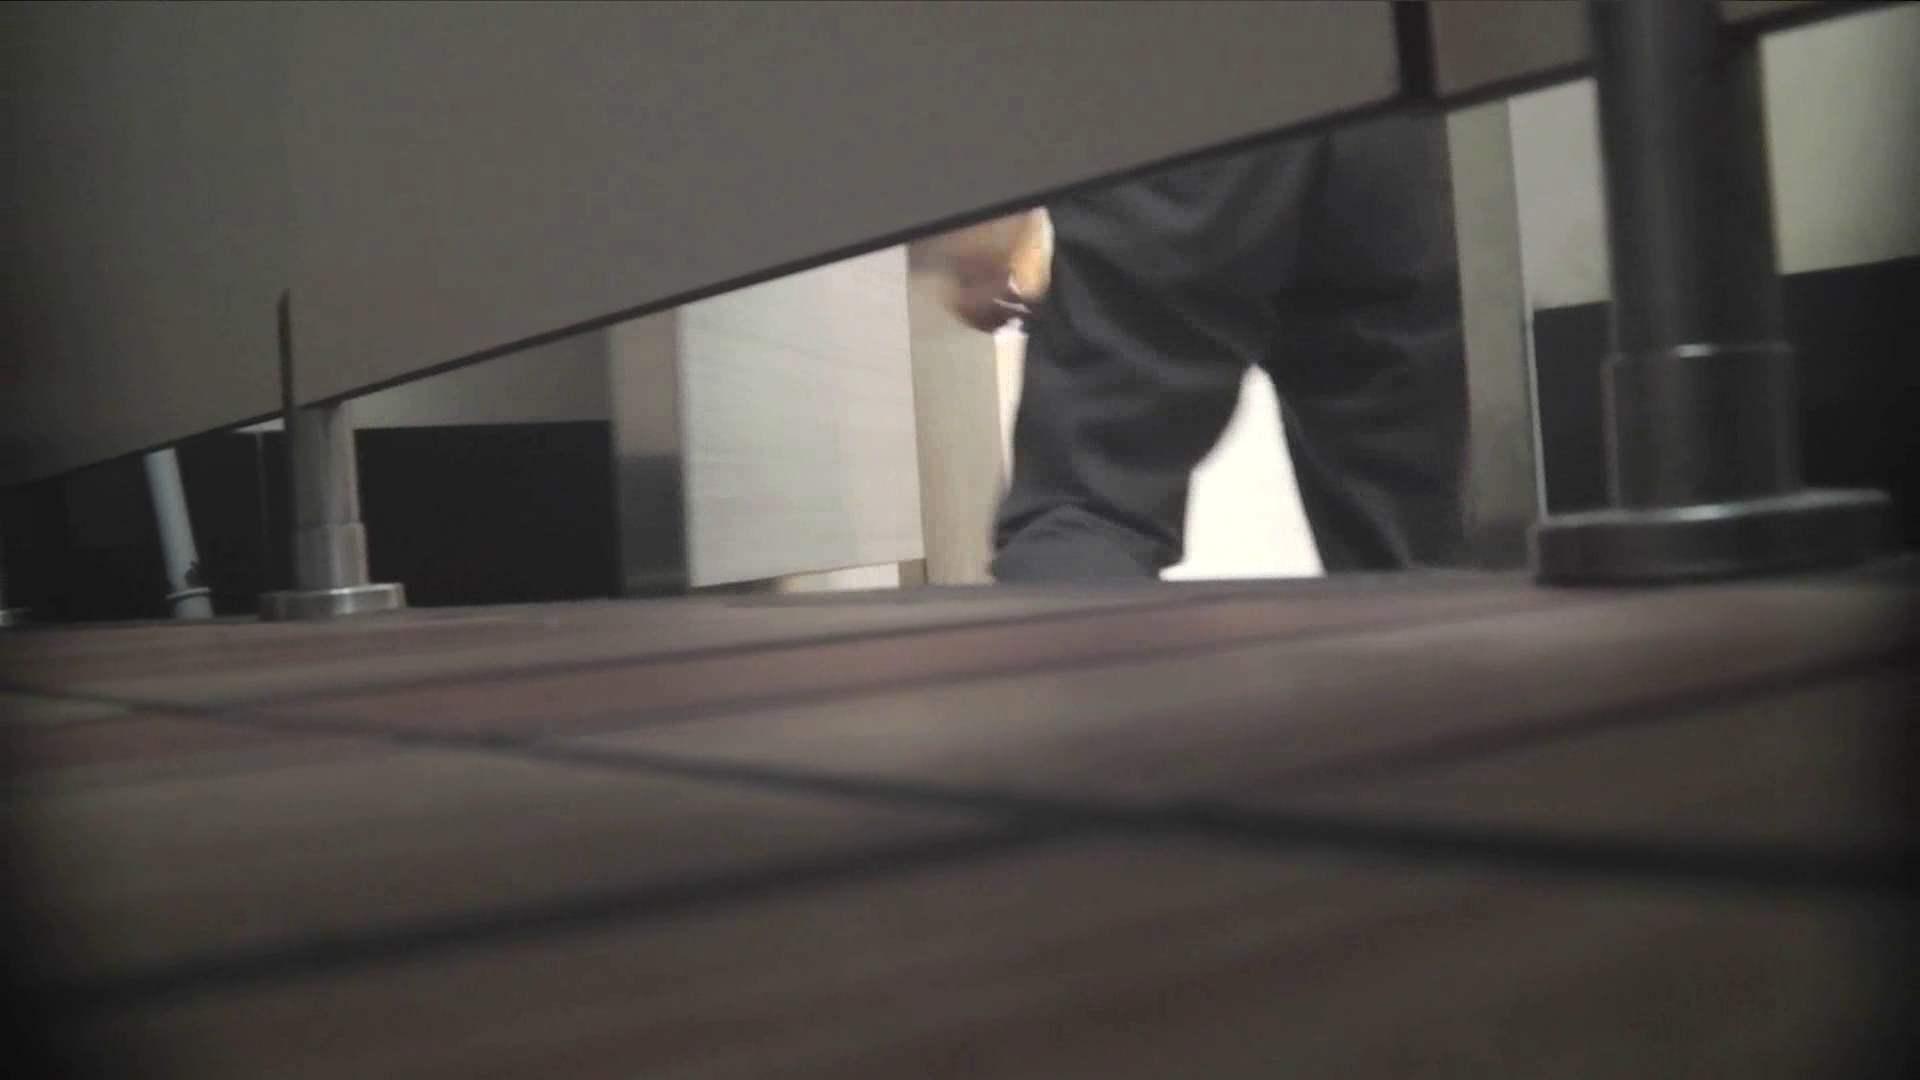 無料アダルト動画:世界の射窓から vol.43 ソーニュー:怪盗ジョーカー